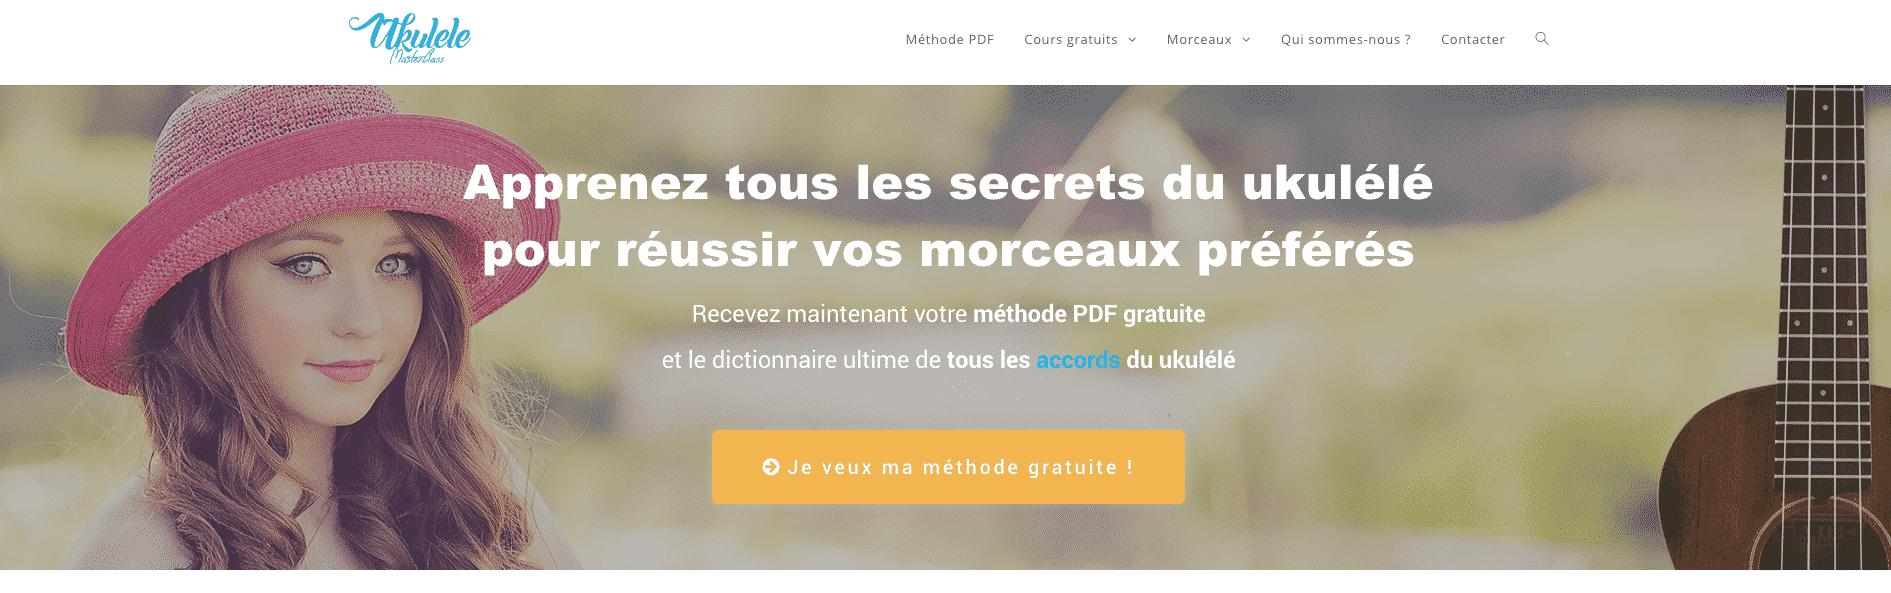 Voici la page d'accueil d'un site web spécialisé pour apprendre à jouer du ukulelé